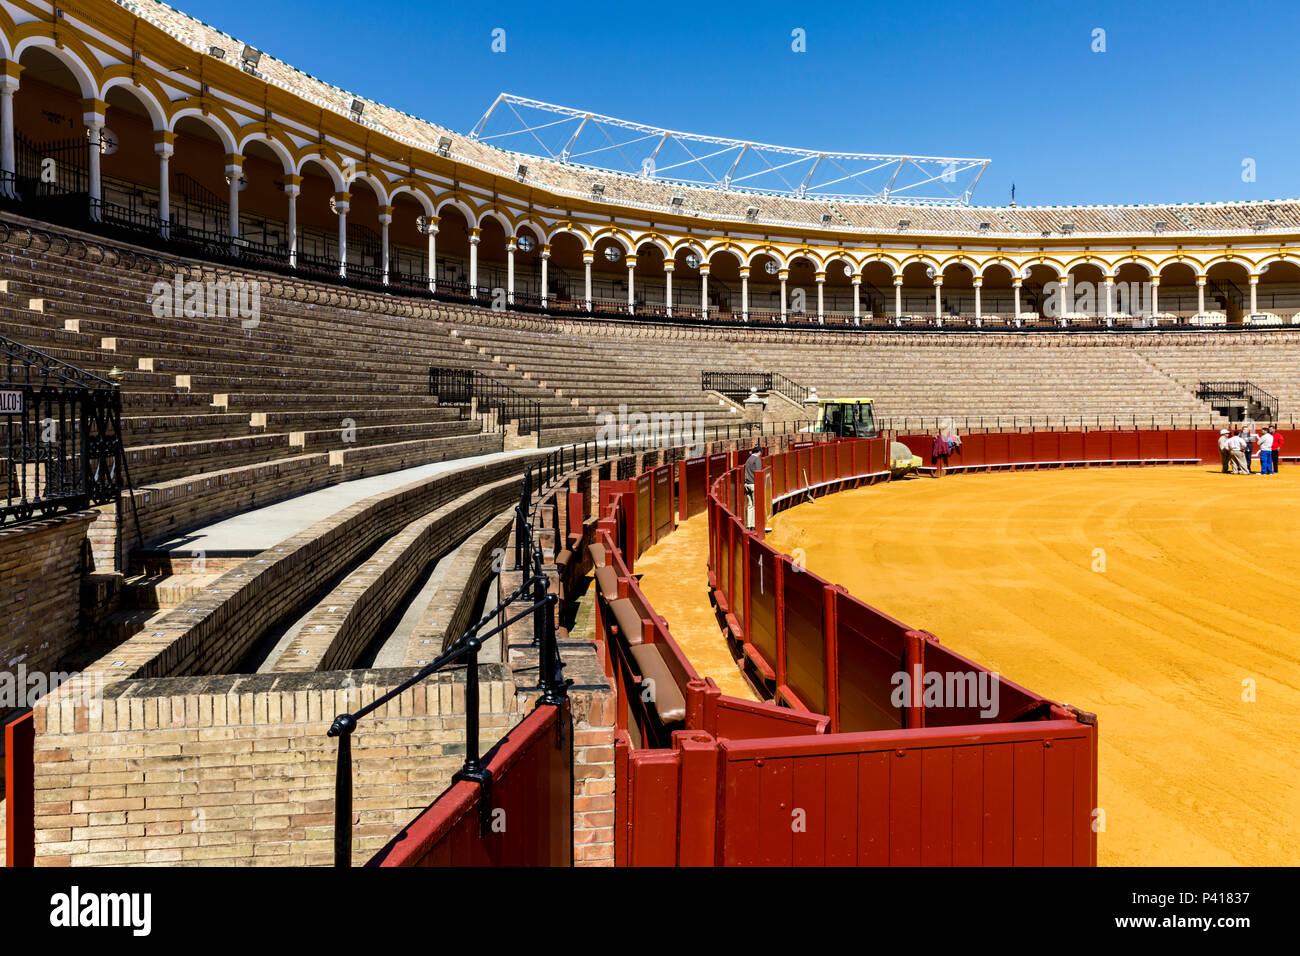 Plaza De Toros De Sevilla El Cultivo En Terrazas La Plaza